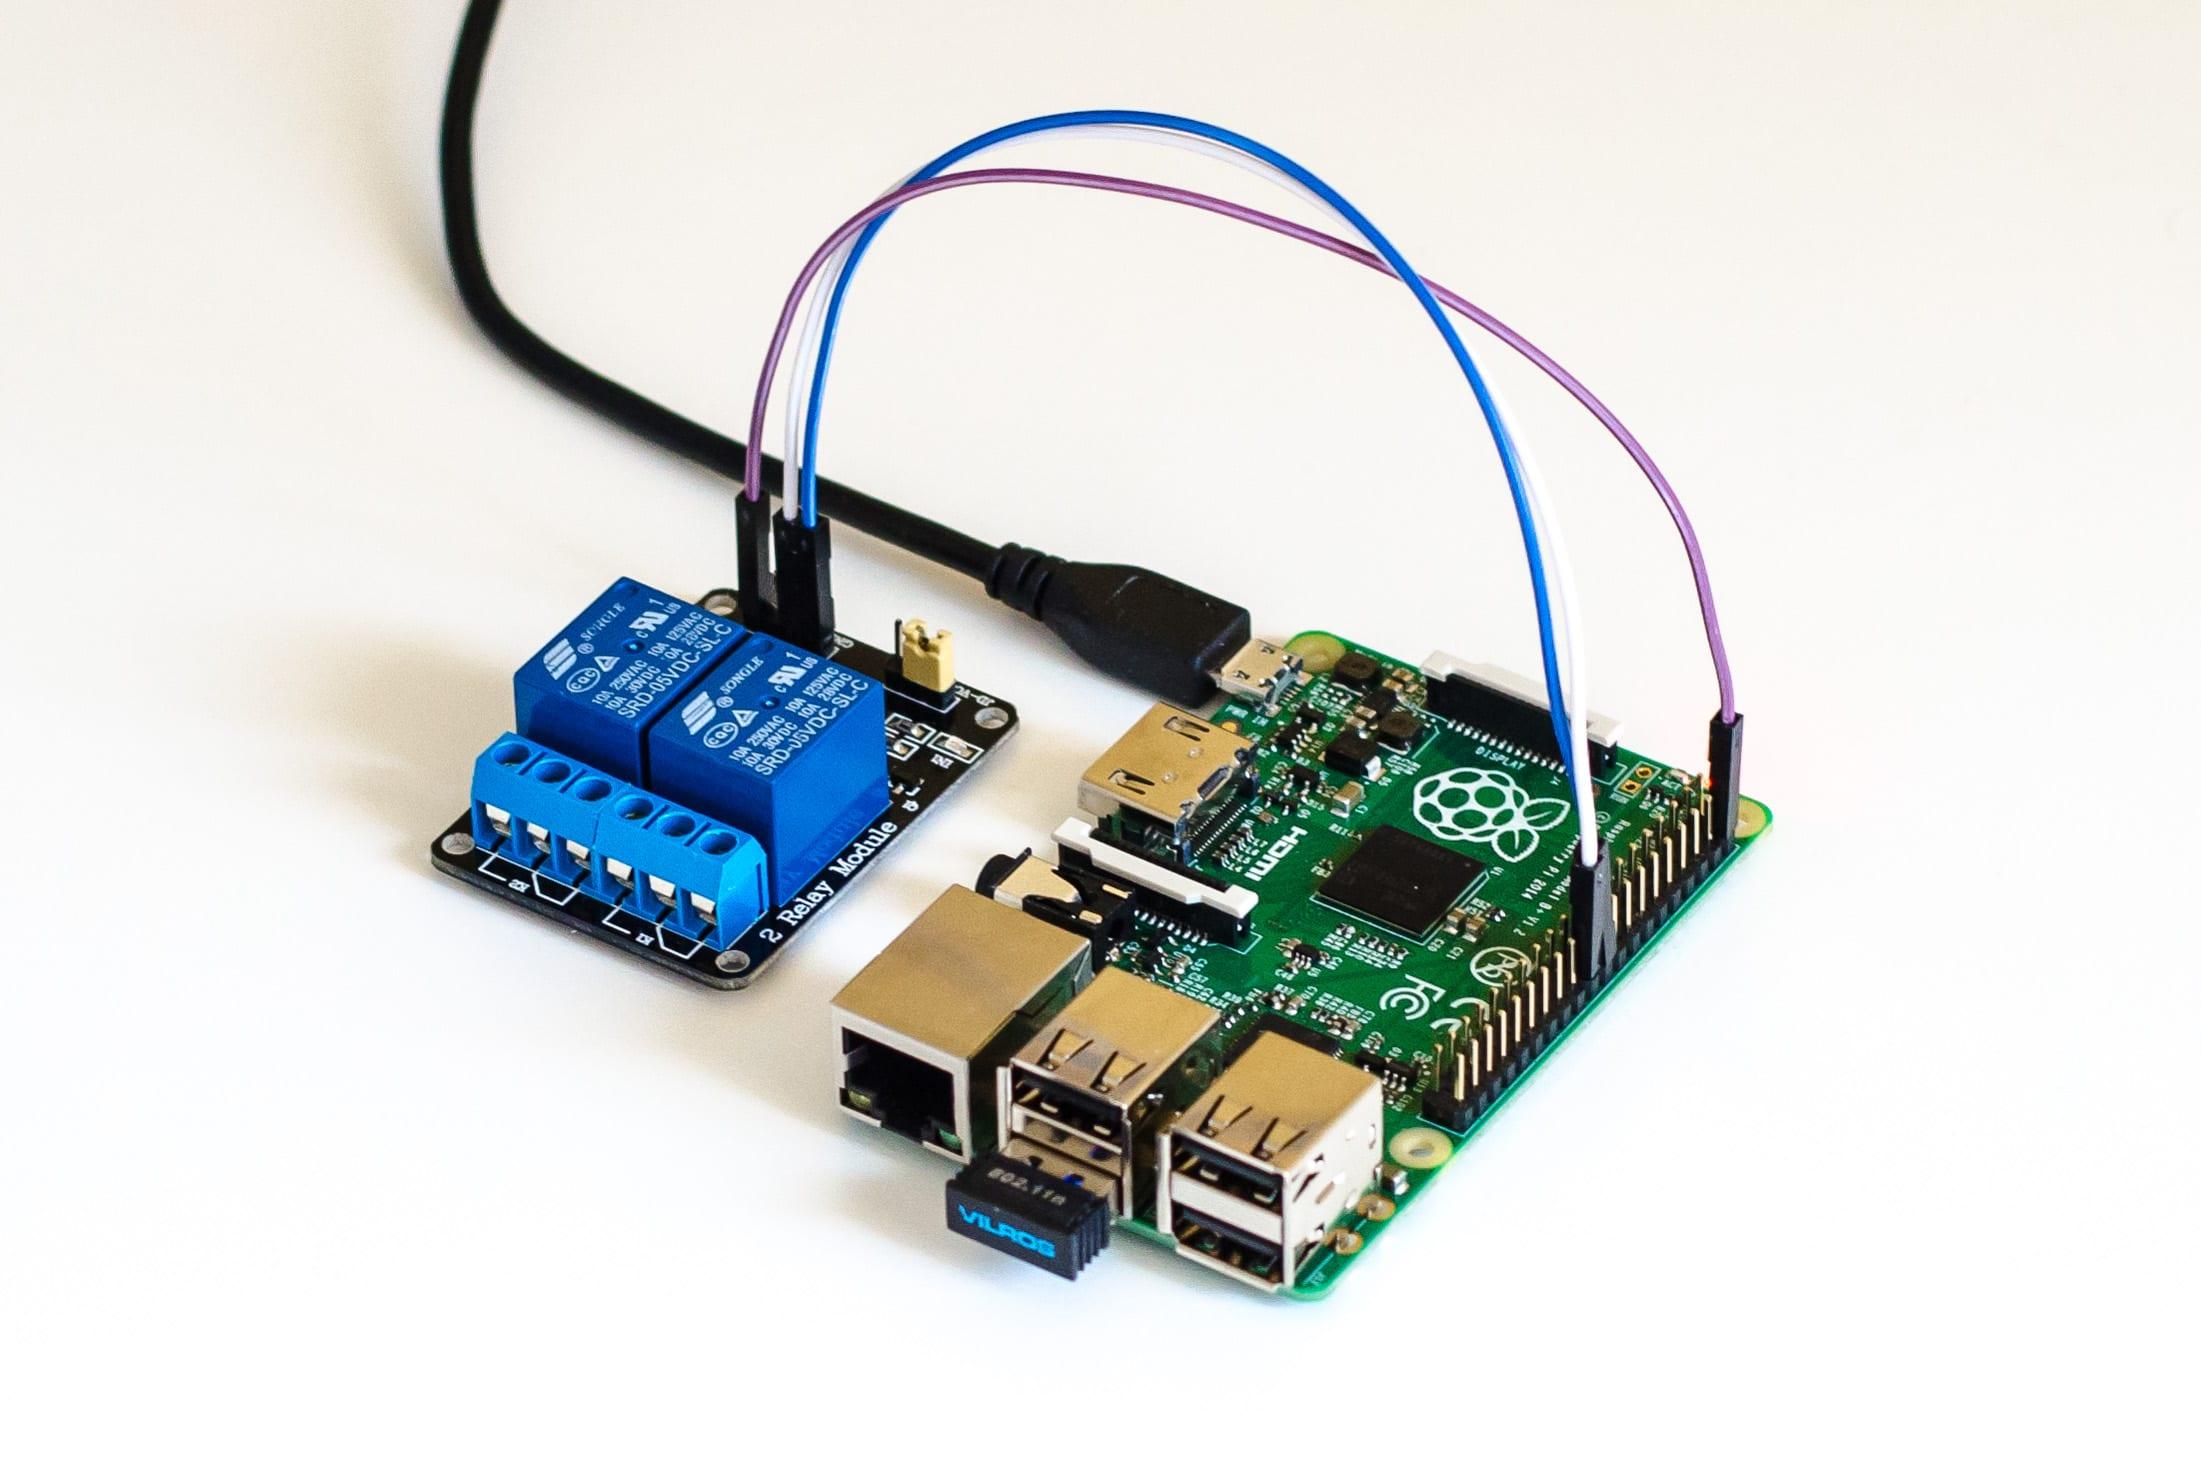 Raspberry Pi Gpio Ausgnge Schalten Eingnge Lesen Indibit Python Wiringpi Input Mit 2 Kanal Relais Modul Am Gpio25